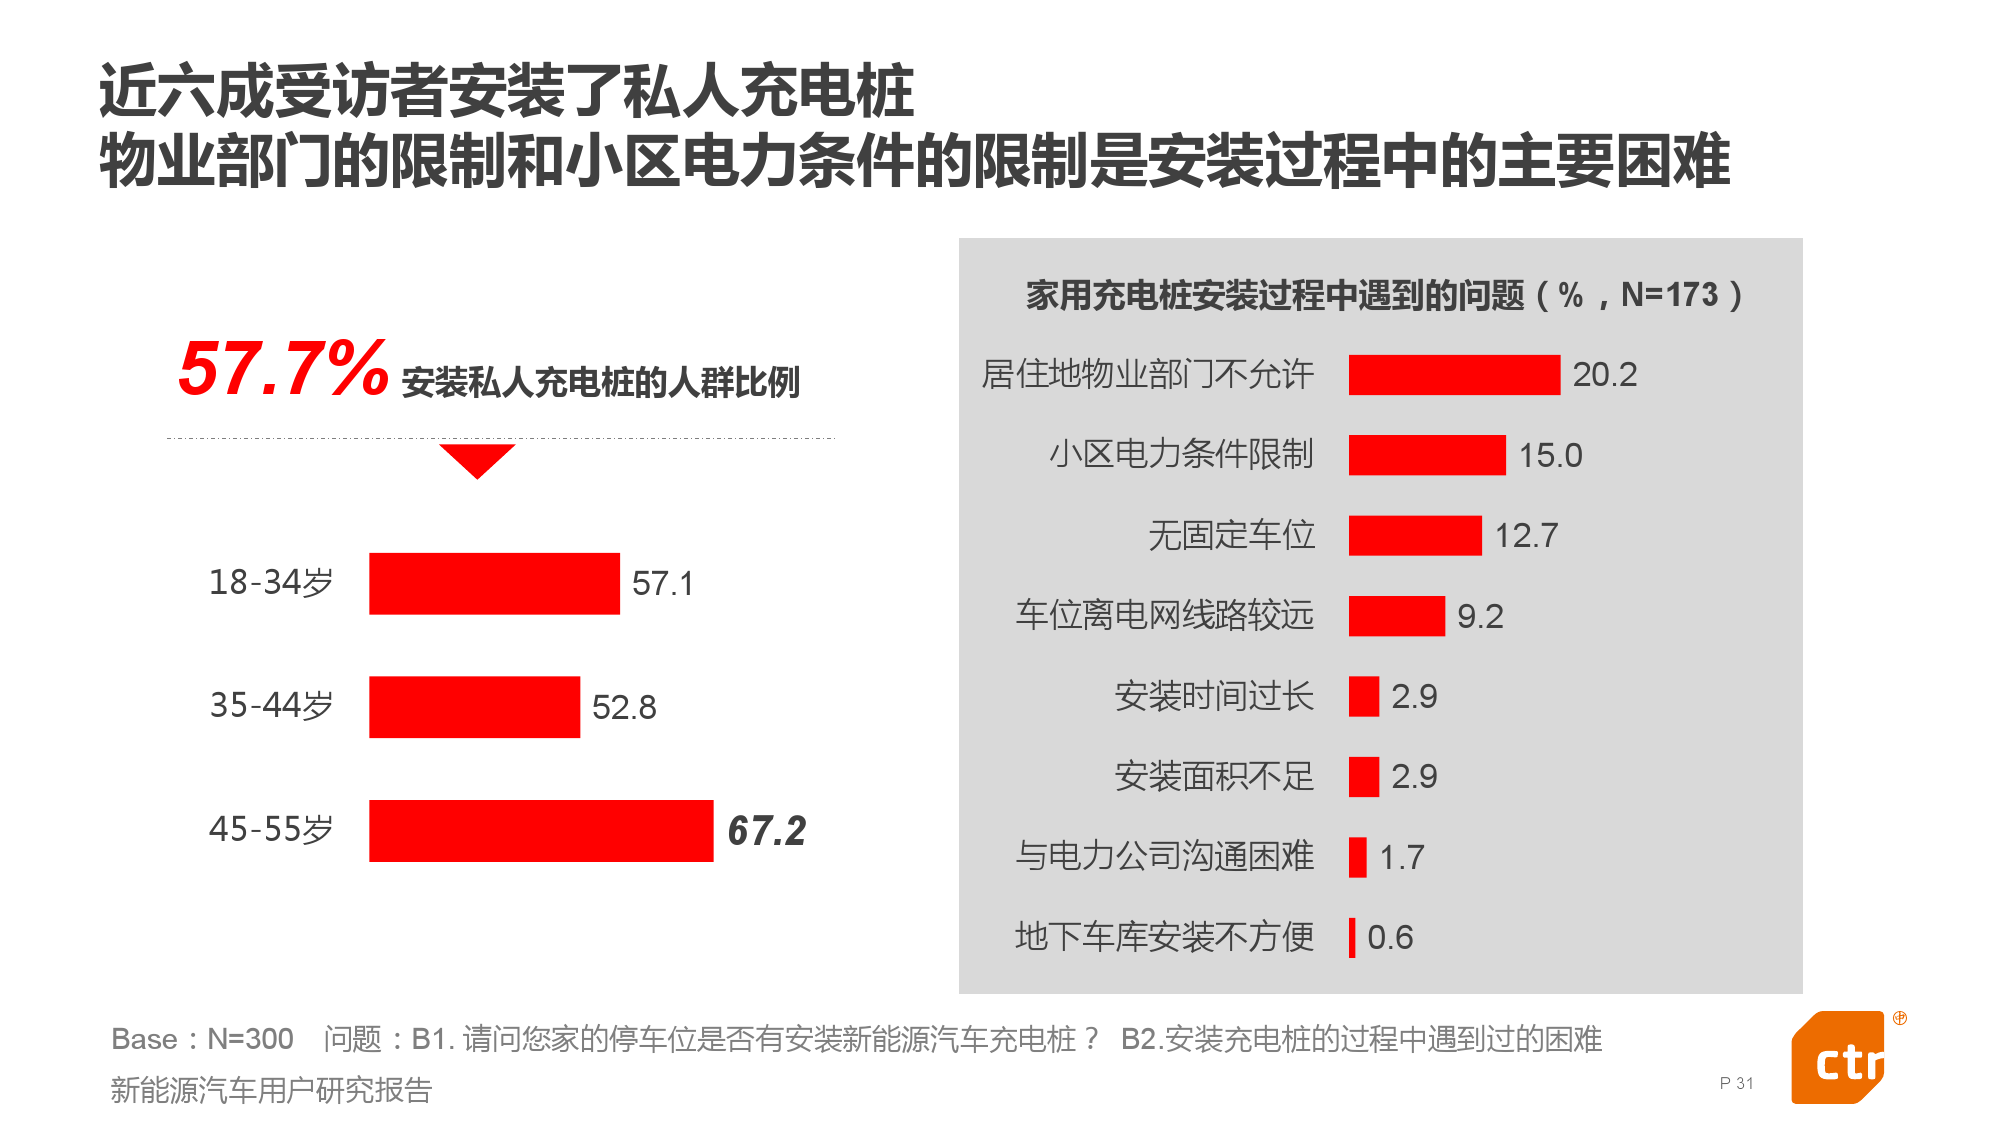 新能源汽车用户研究报告_000031